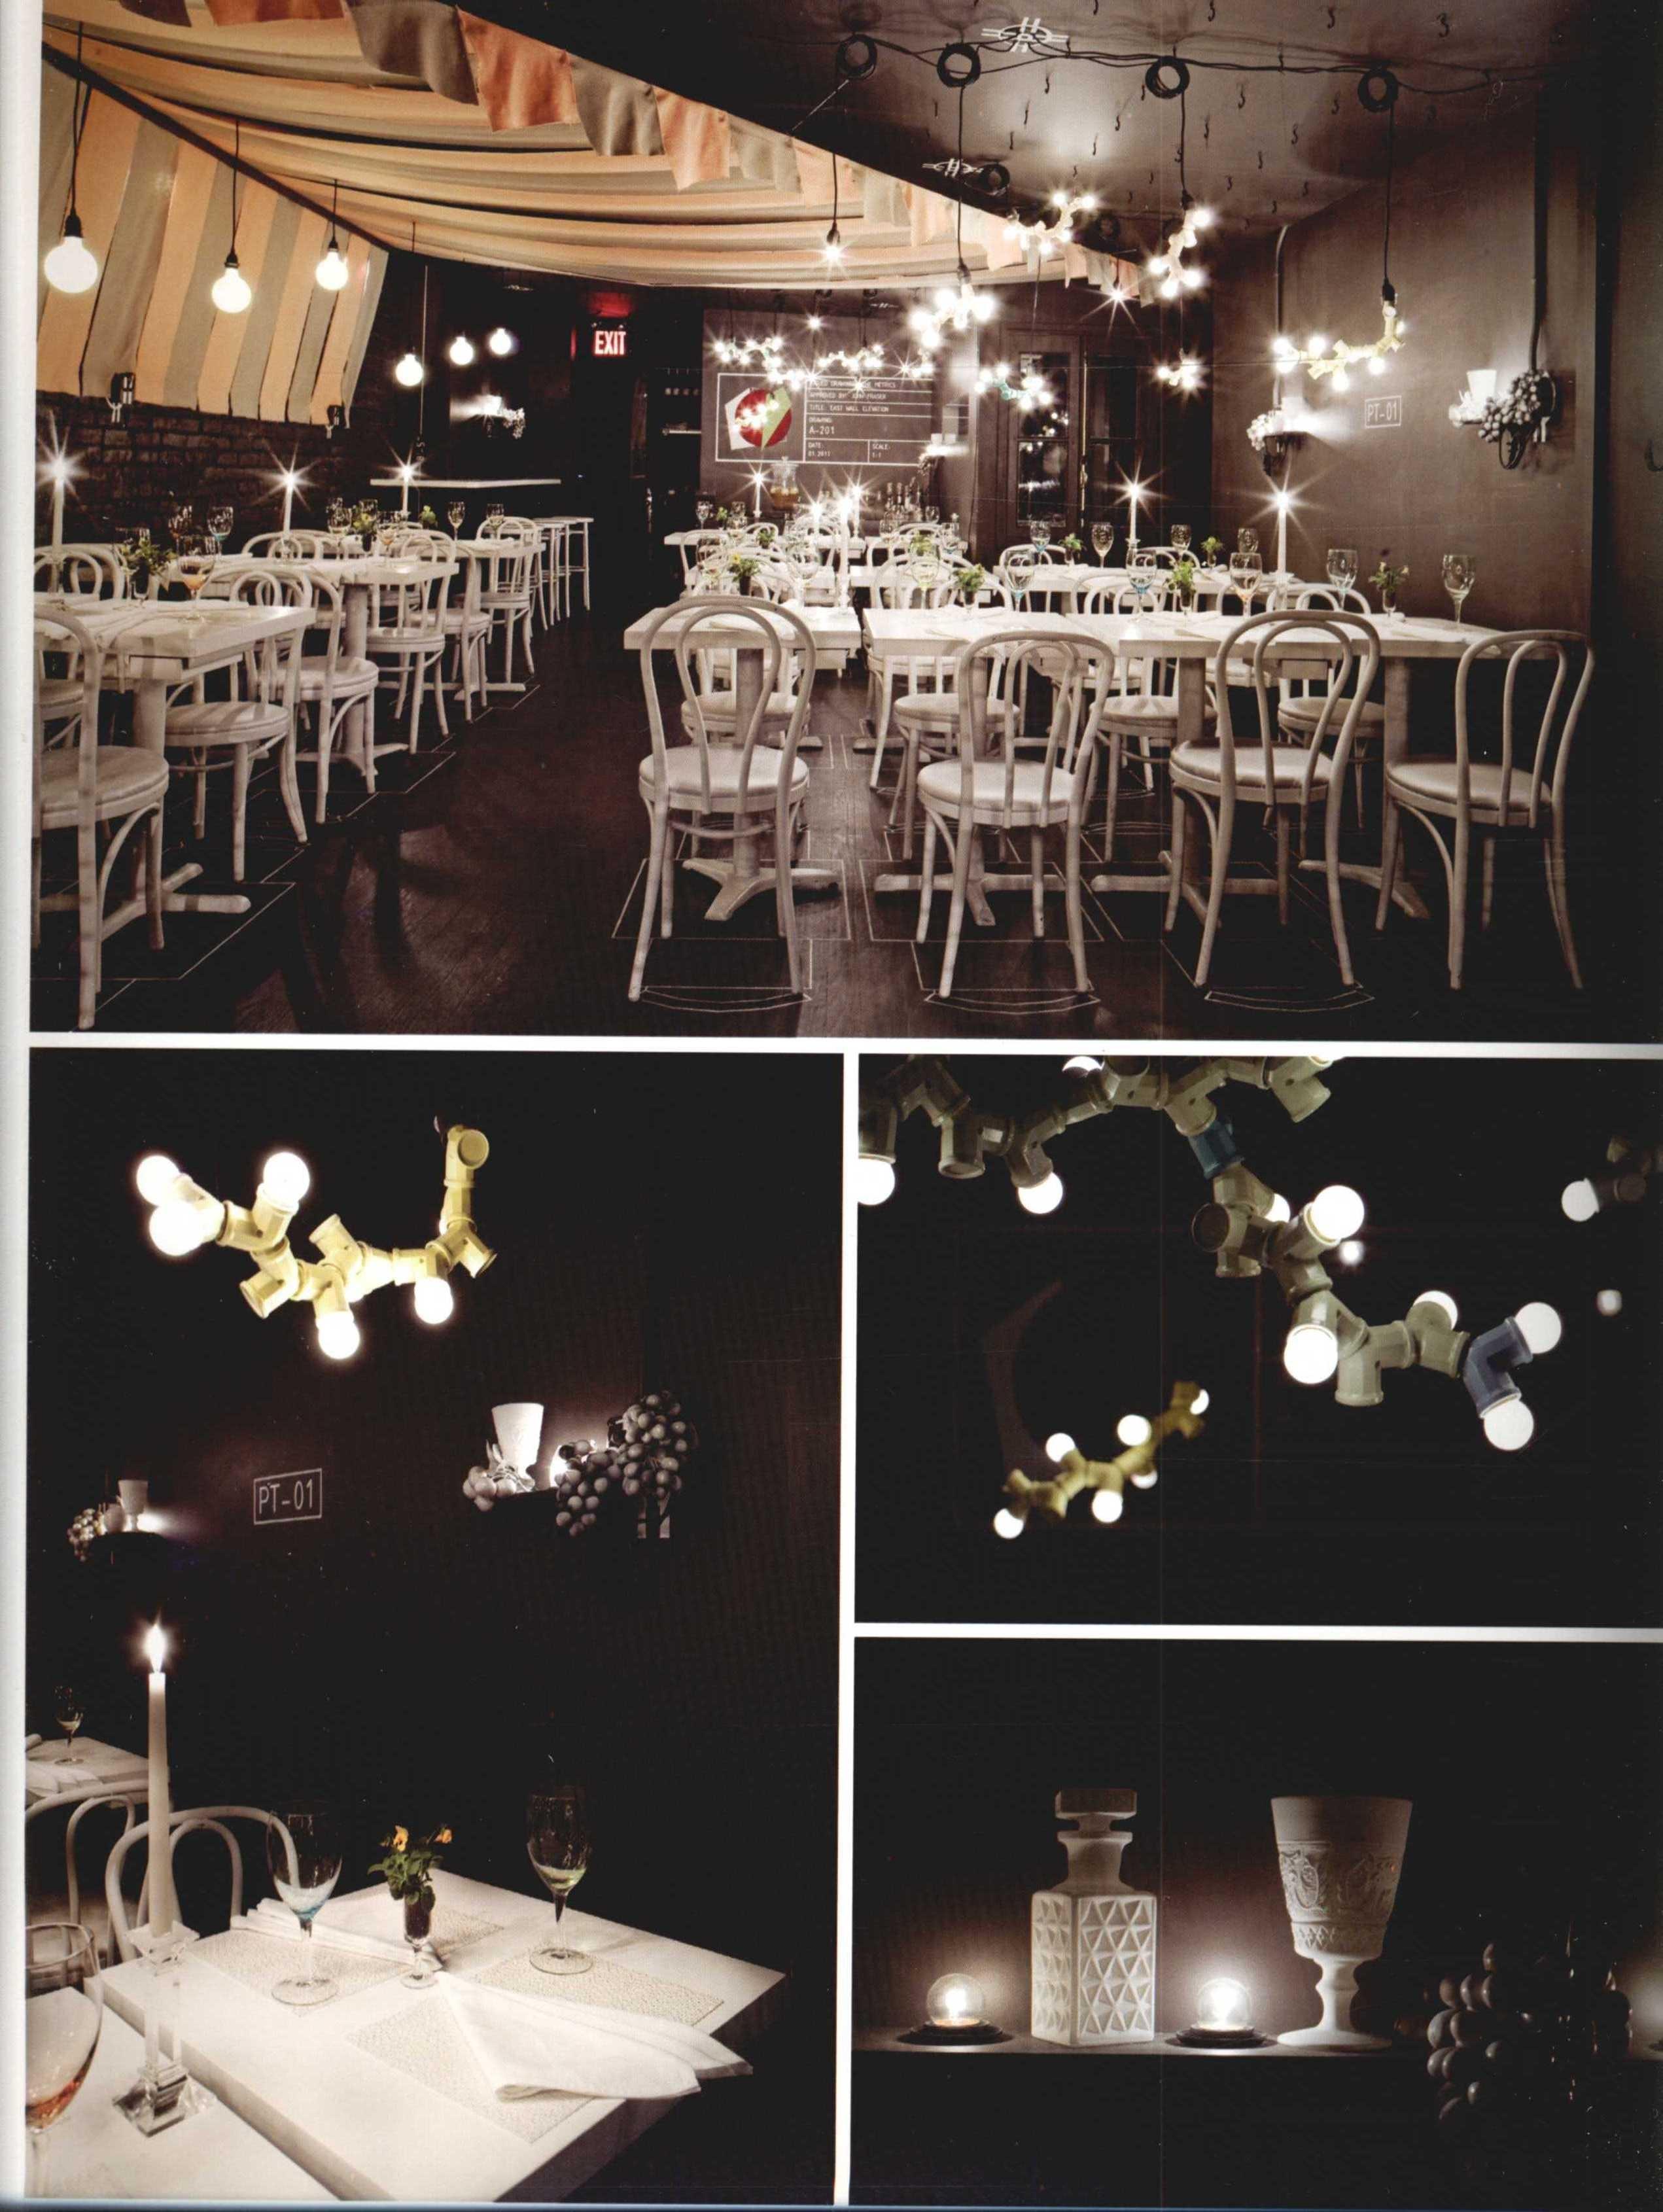 2012全球室内设计年鉴  餐饮_Page_275.jpg